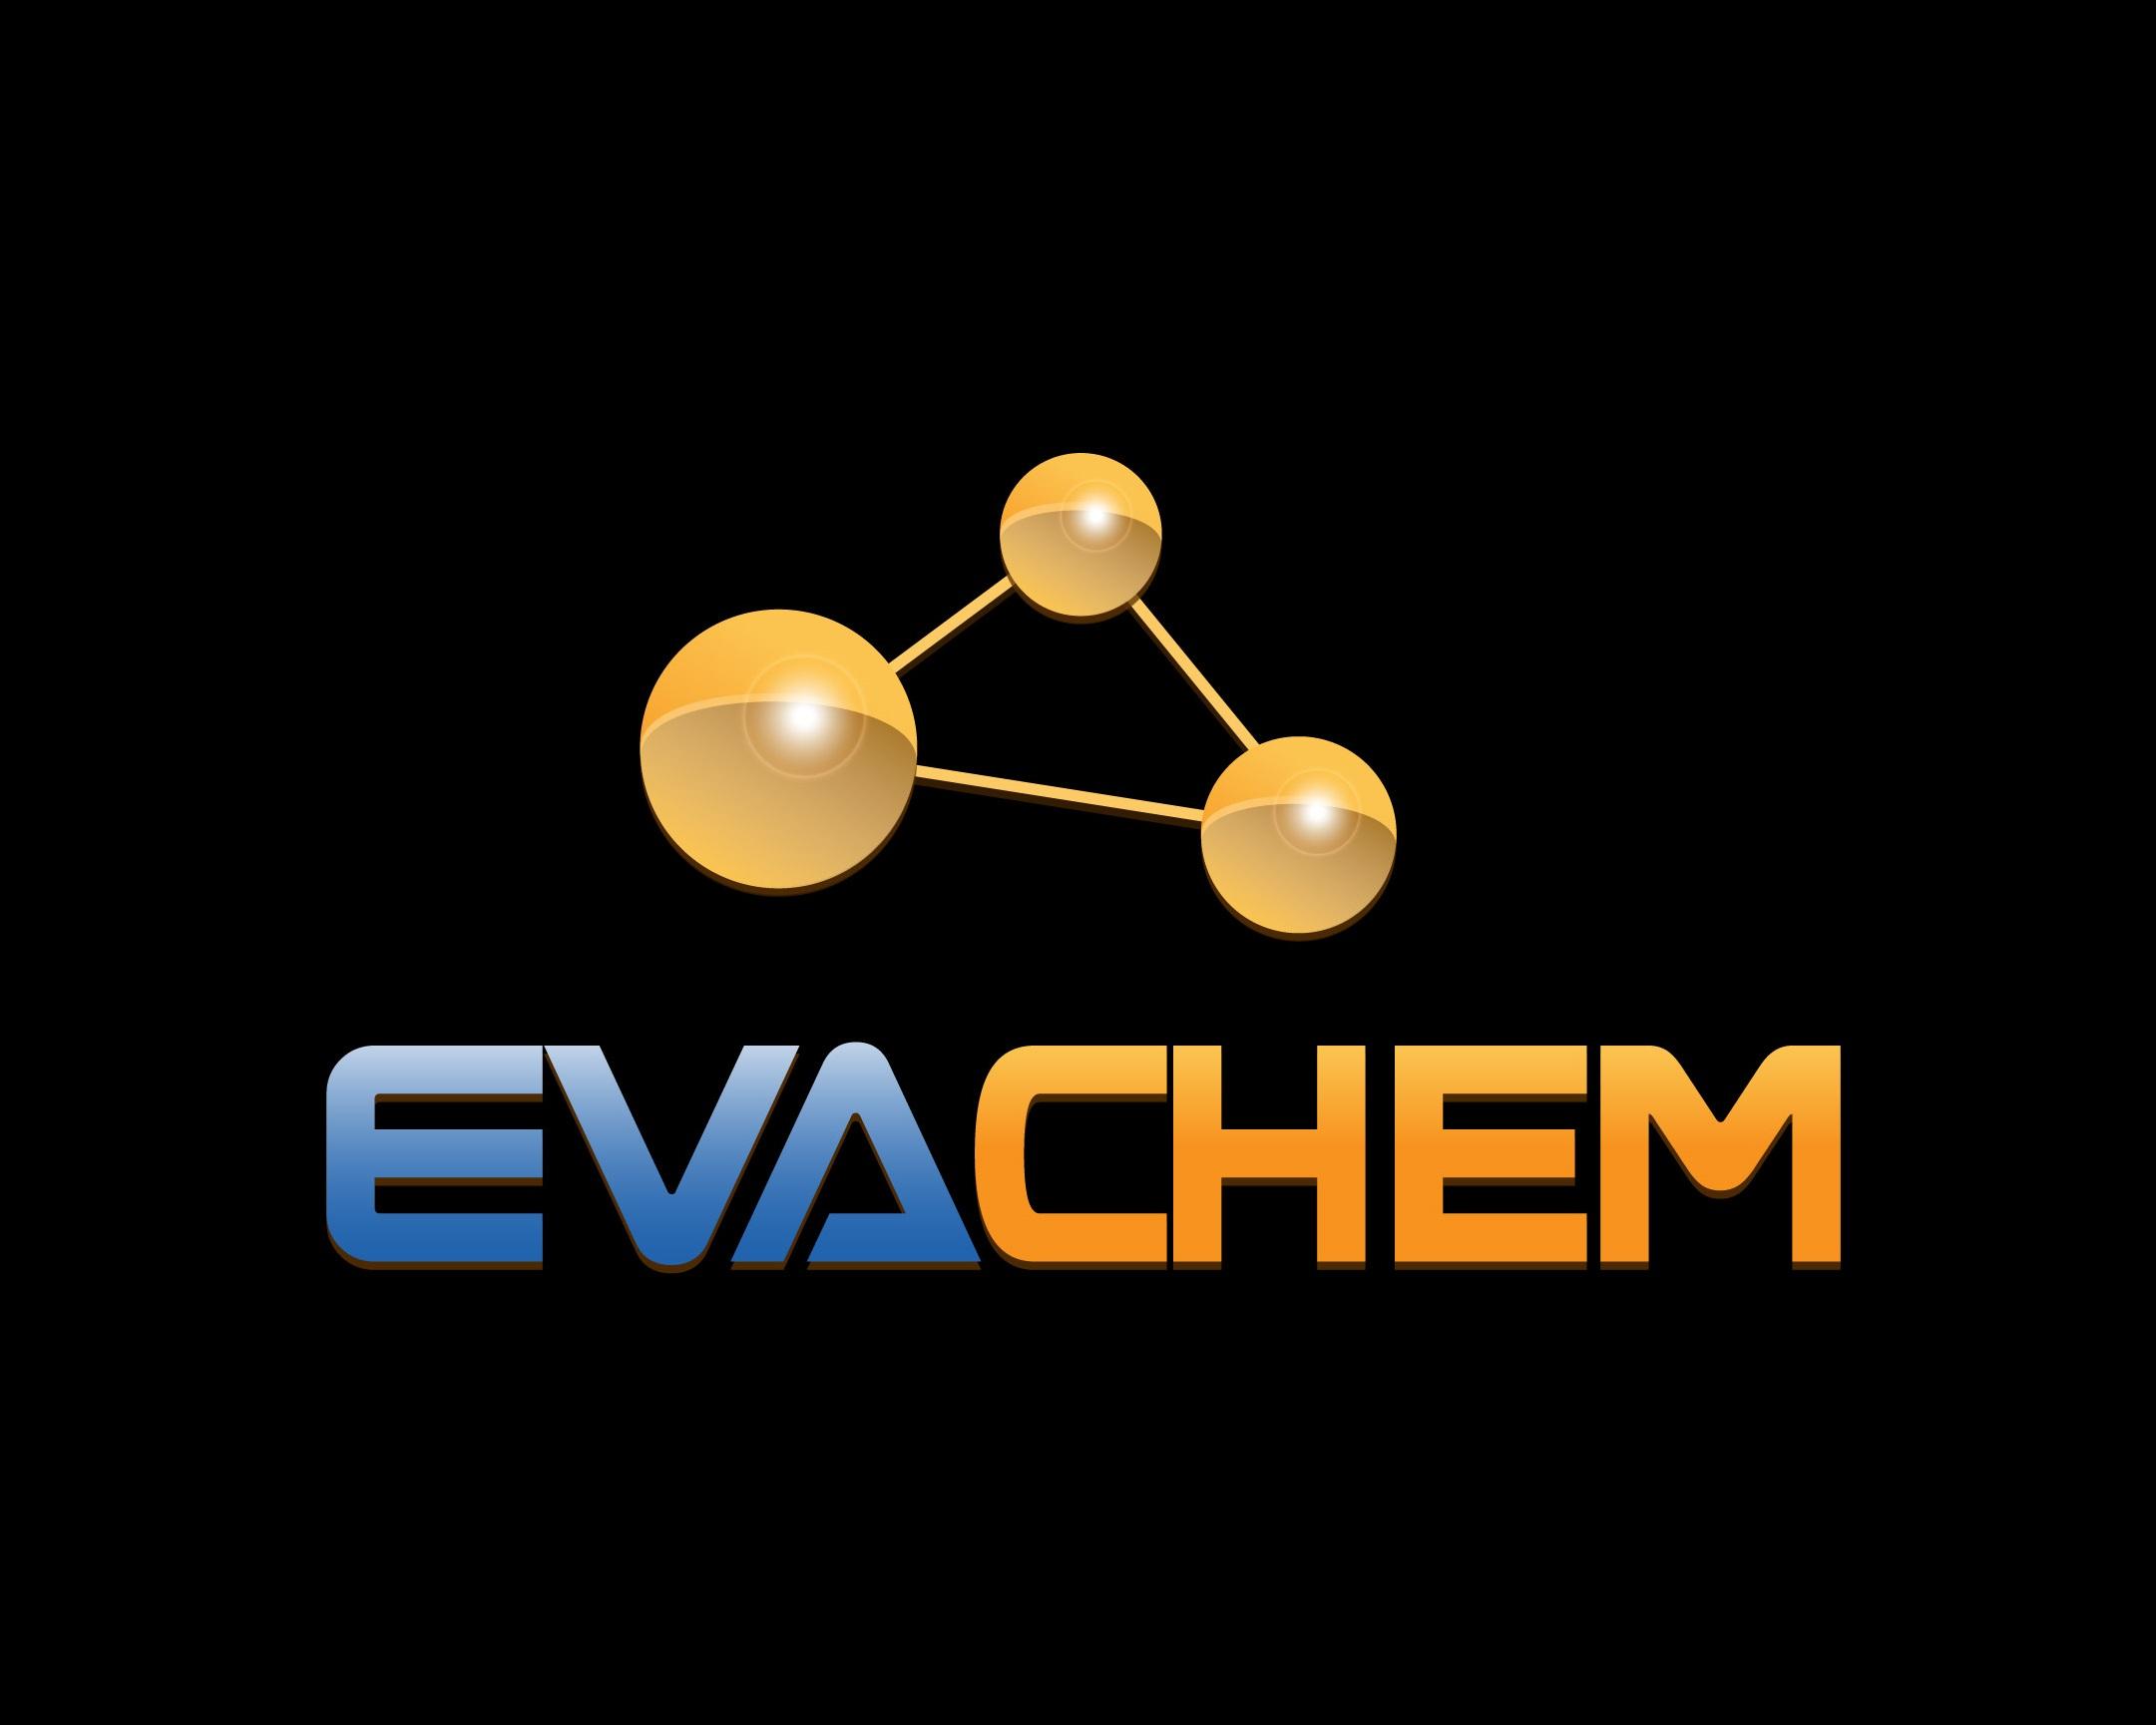 Разработка логотипа и фирменного стиля компании фото f_622572271f2893ec.jpg